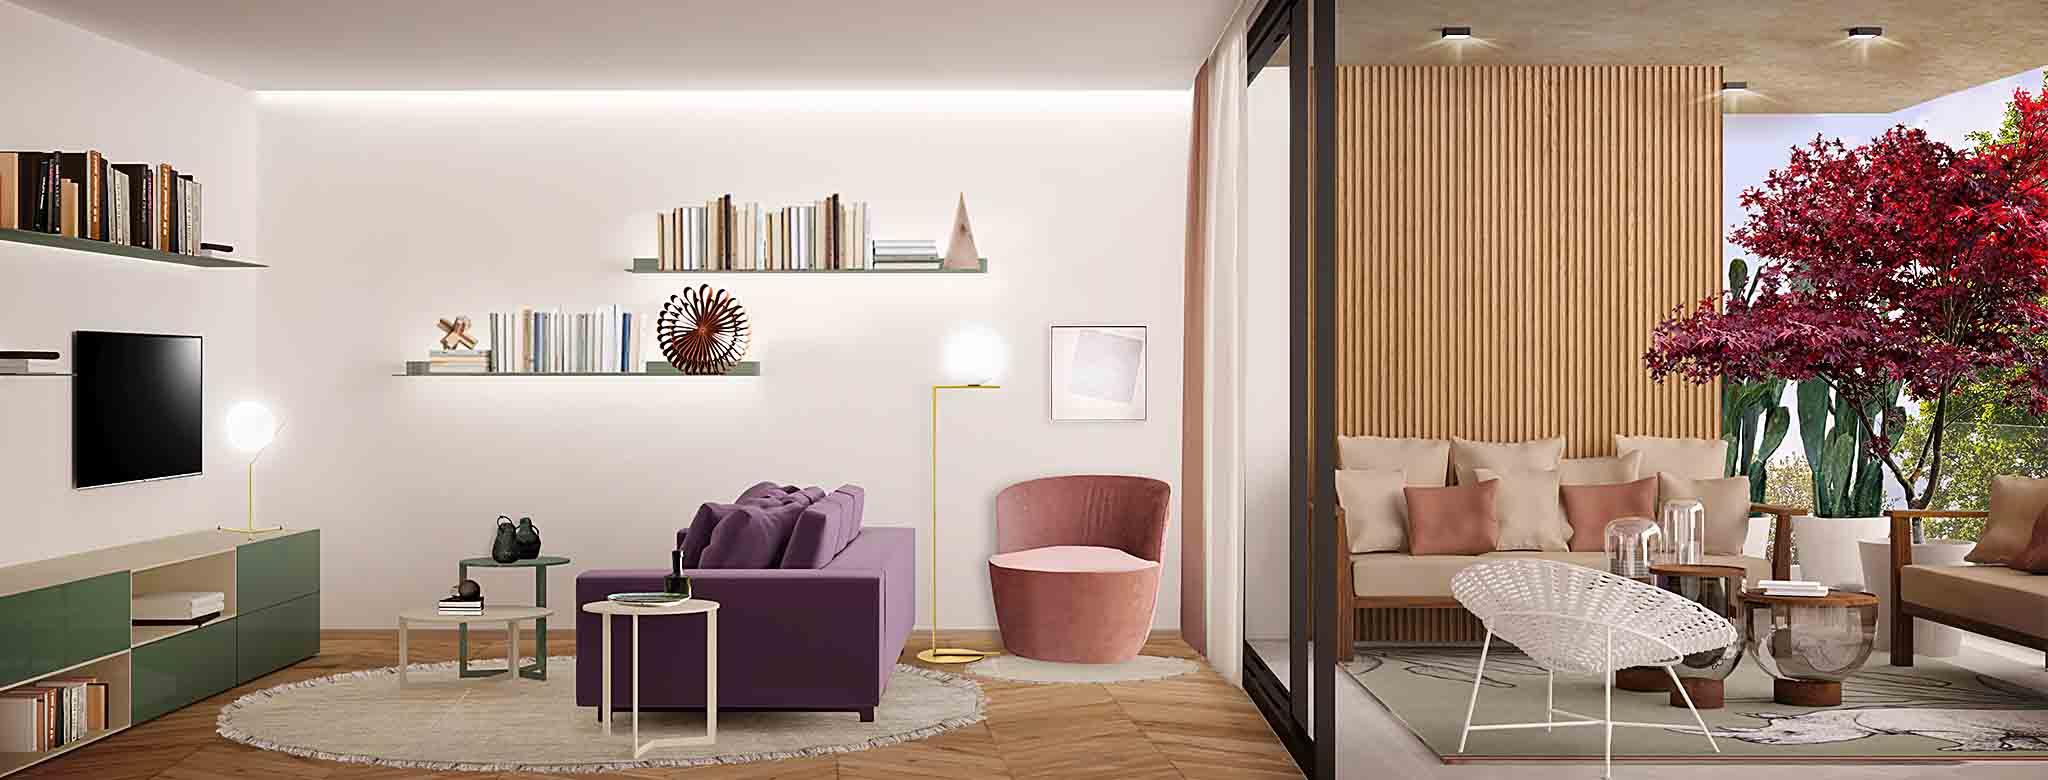 Salotto degli appartamenti Elegance